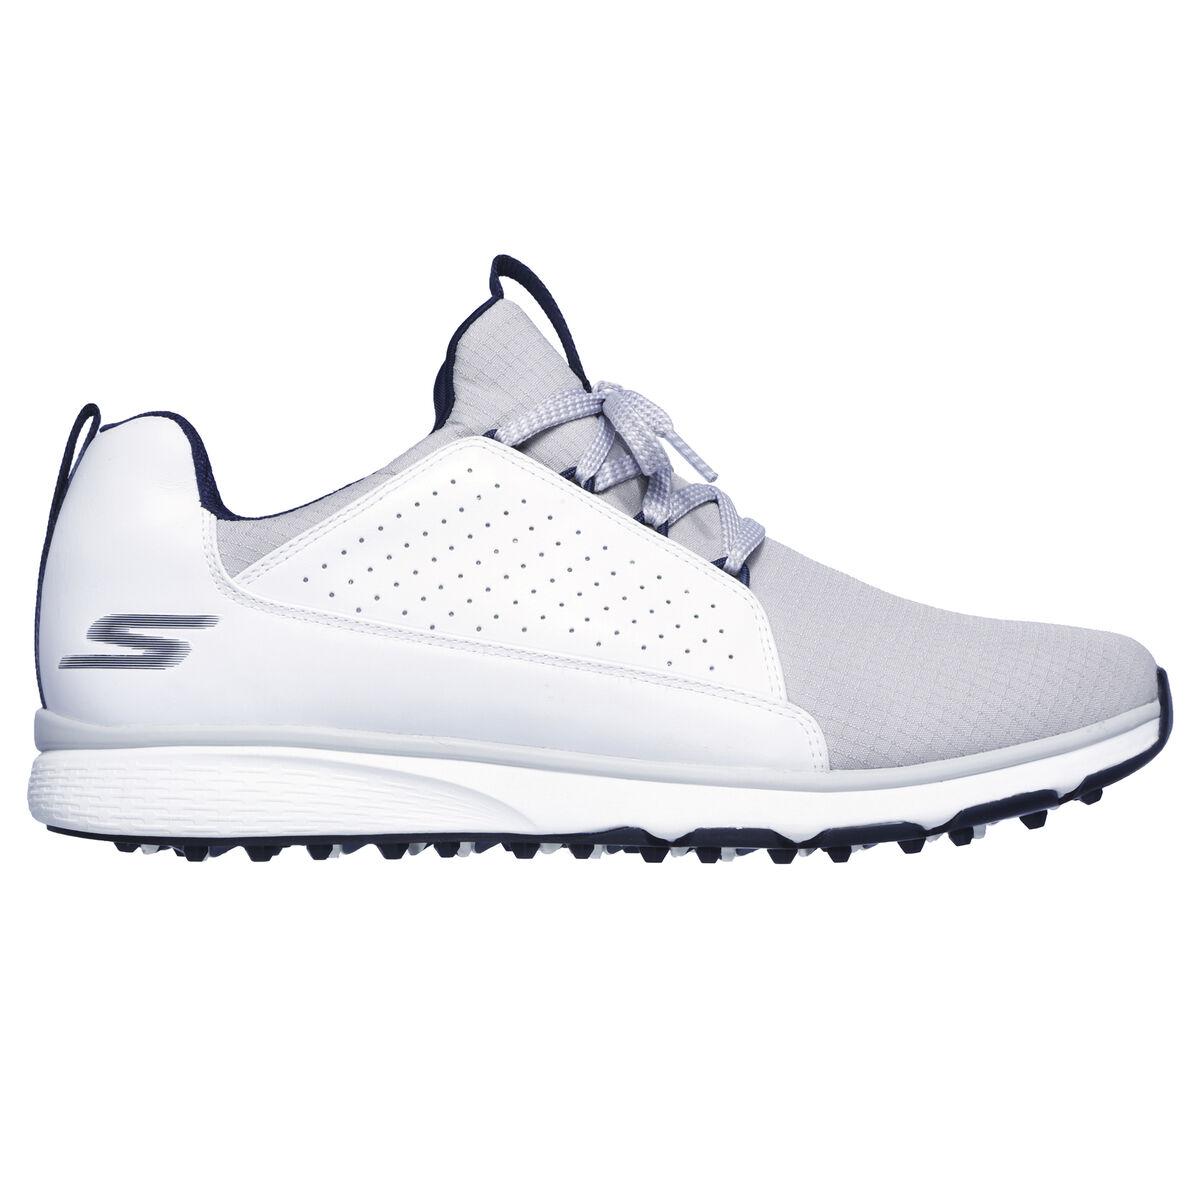 7423b2986ca5 SKECHERS Mojo Elite Men s Golf Shoe - White Grey